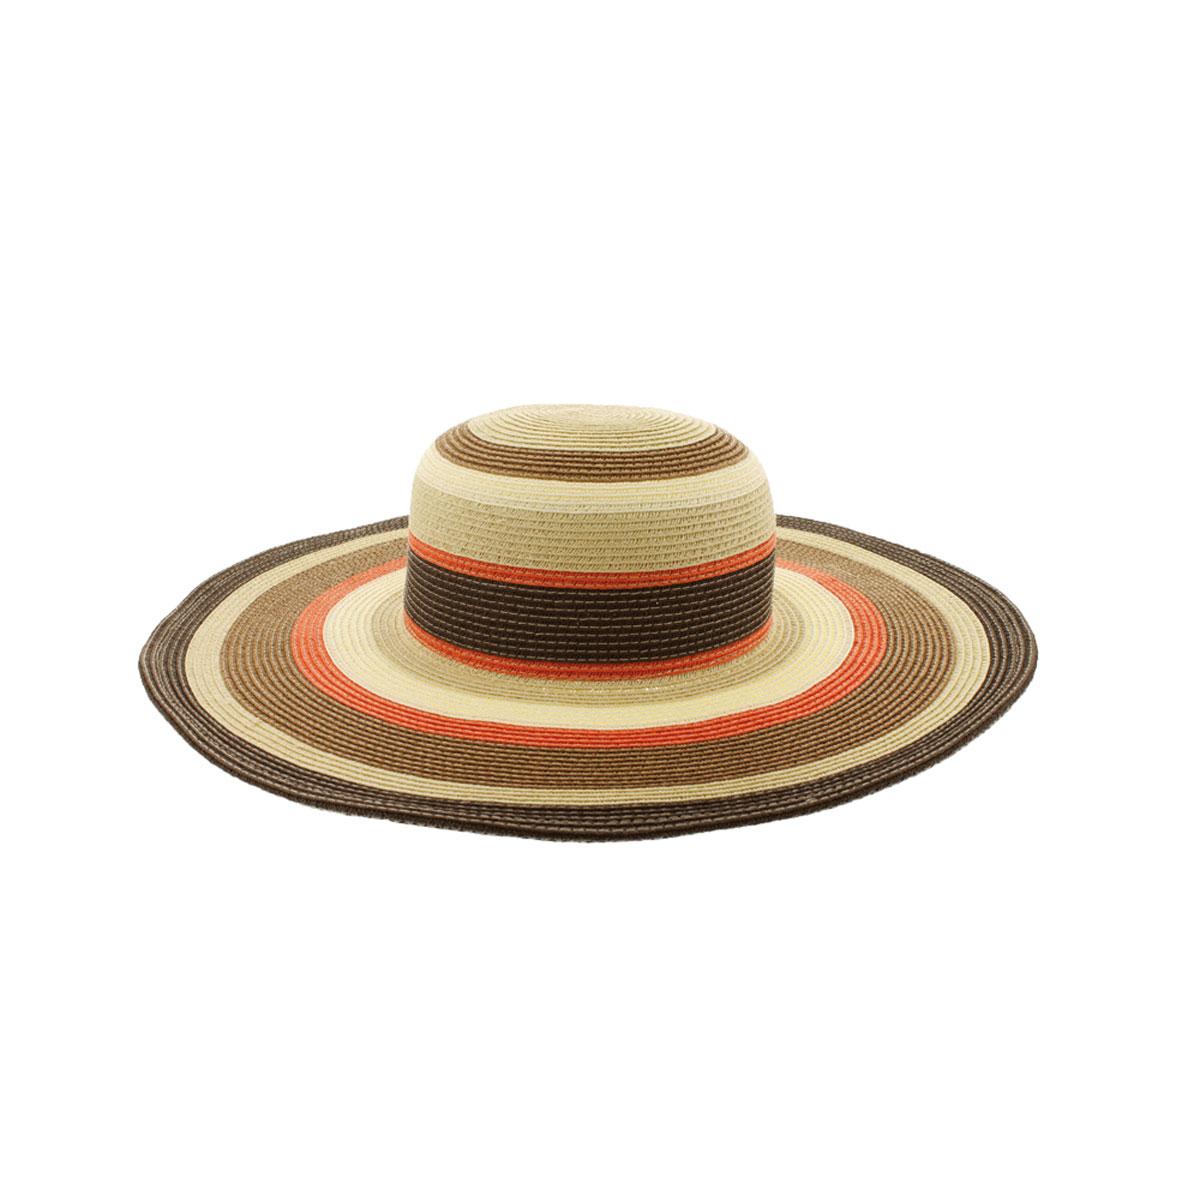 Шляпа77-127-35-56Широкополая шляпа R.Mountain Lisbeth, выполненная из бумаги и полиэстера, украсит любой наряд. Шляпа оформлена принтом в полоску и небольшим металлическим логотипом фирмы. Благодаря своей форме, шляпа удобно садится по голове и подойдет к любому стилю. Шляпа легко восстанавливает свою форму после сжатия. Такая шляпка подчеркнет вашу неповторимость и дополнит ваш повседневный образ.